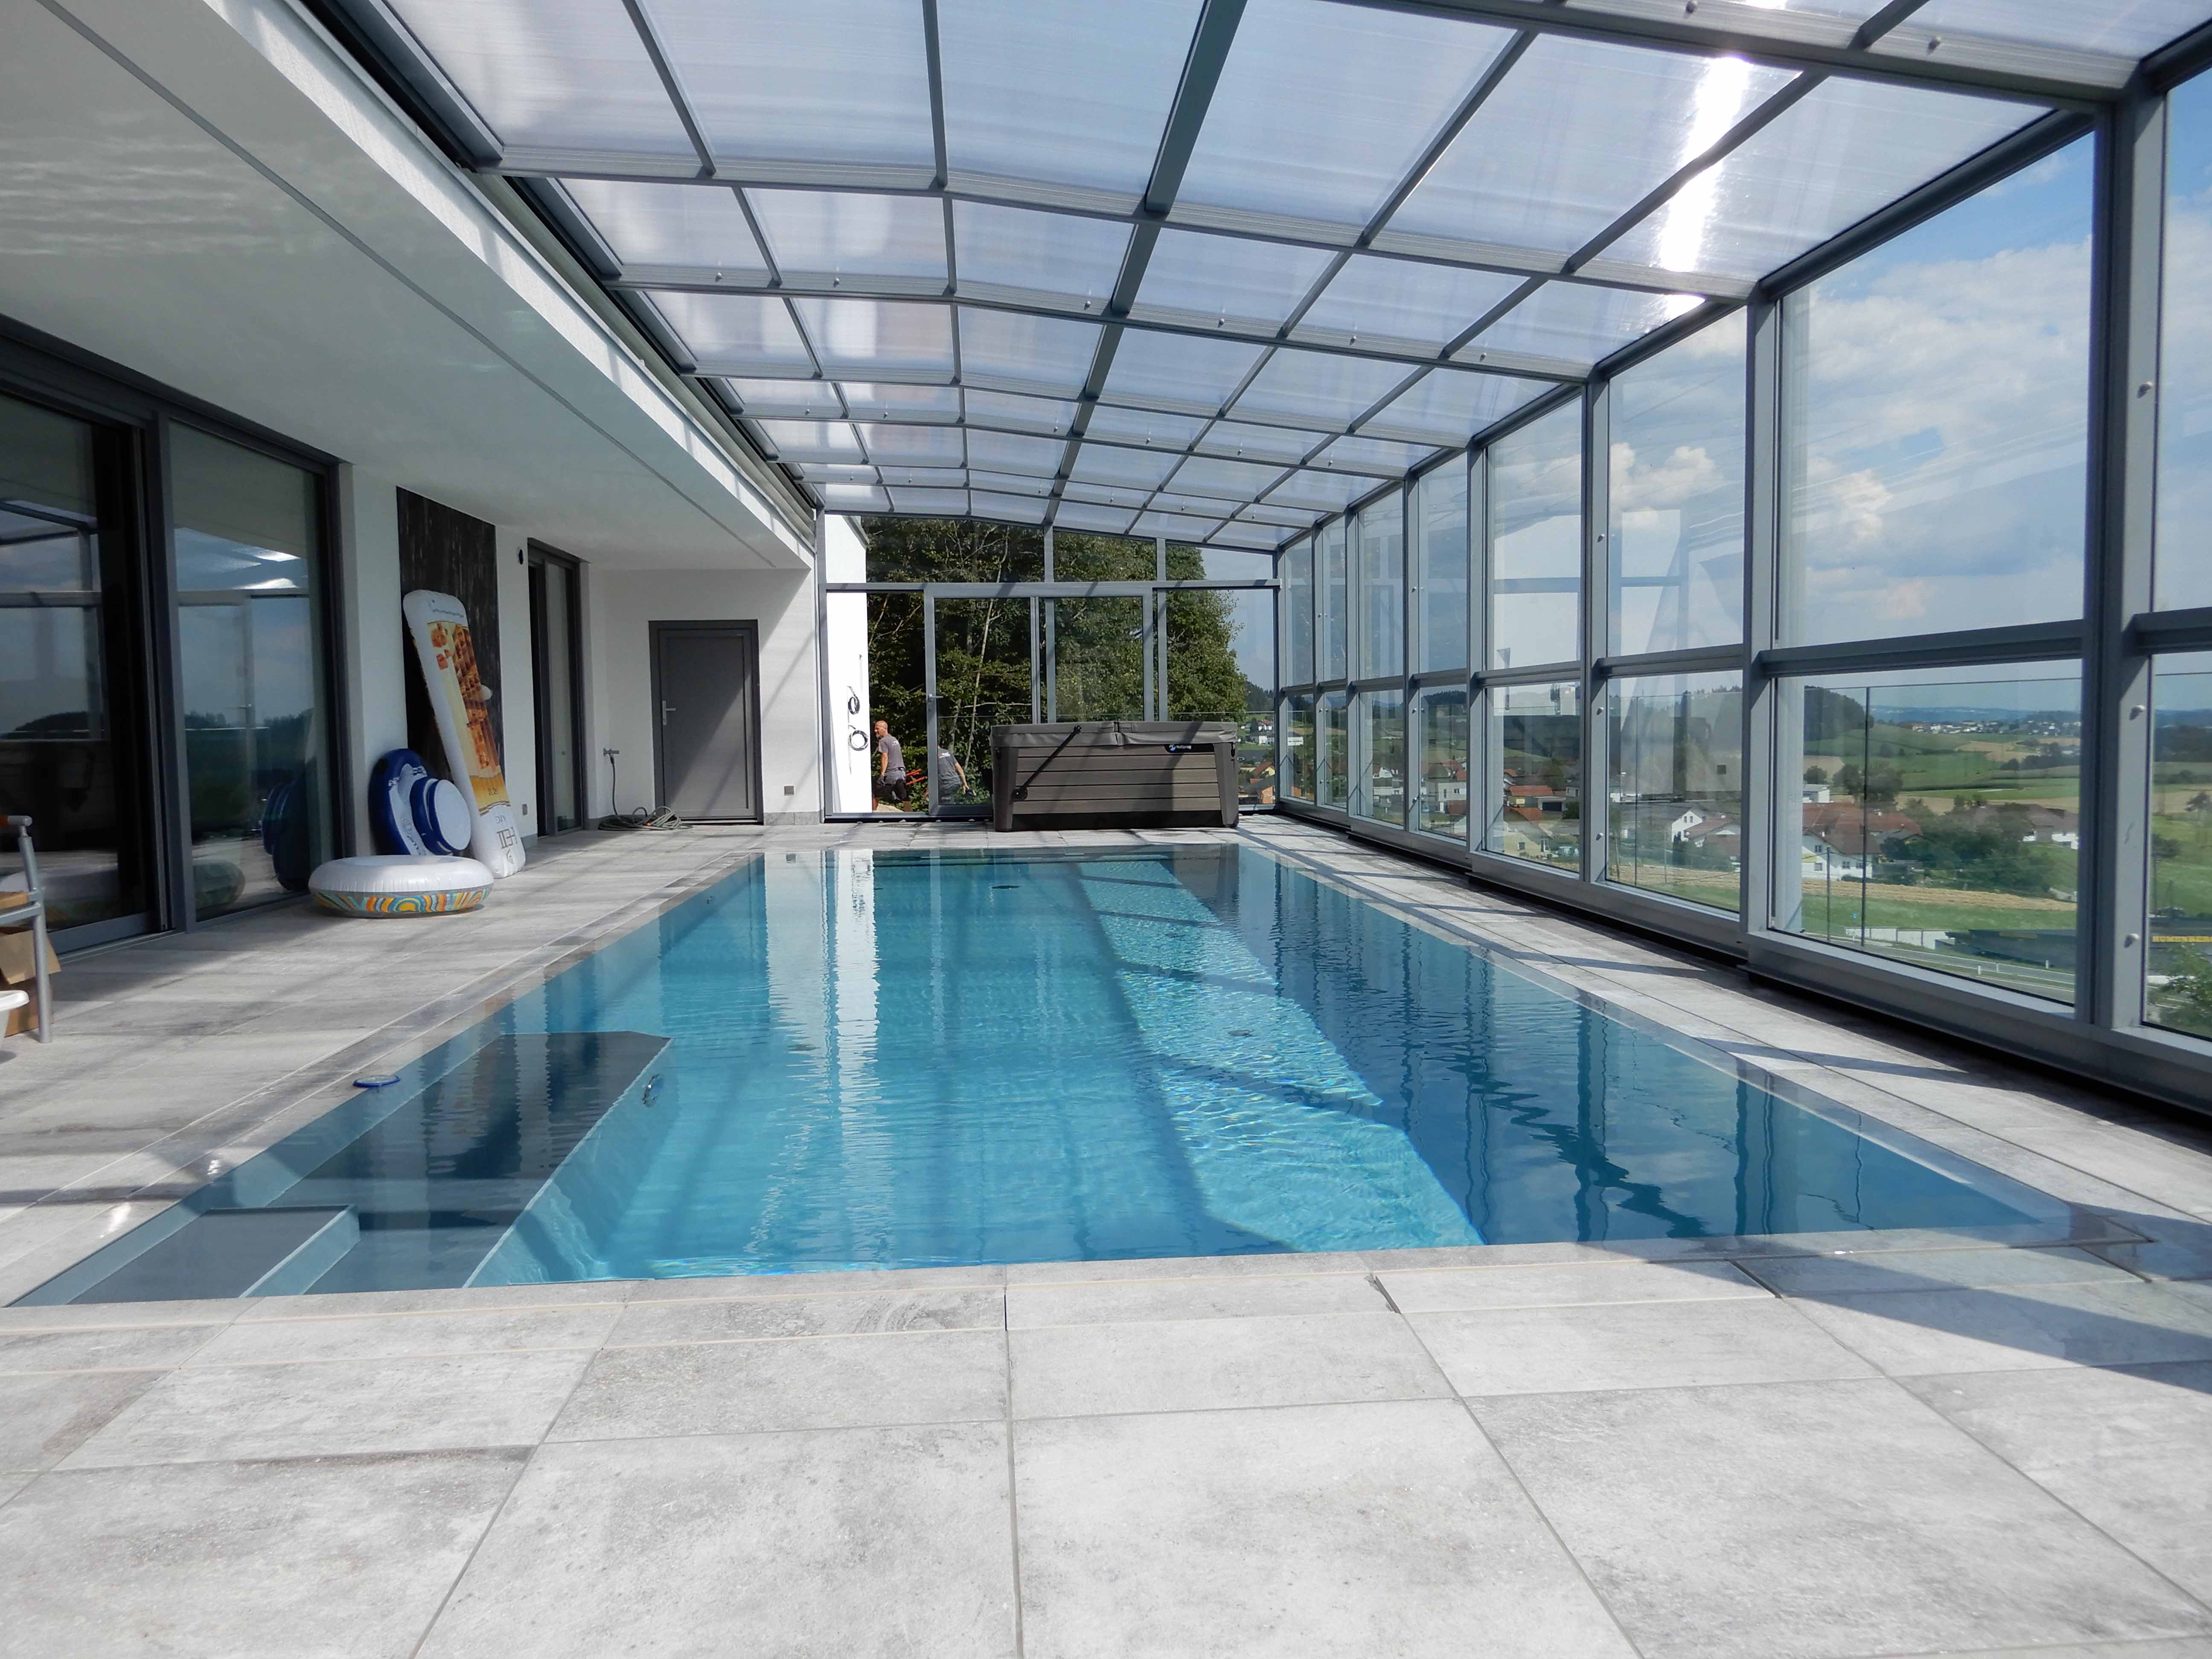 Abri de piscine haut Maestro - Oepping, Autriche